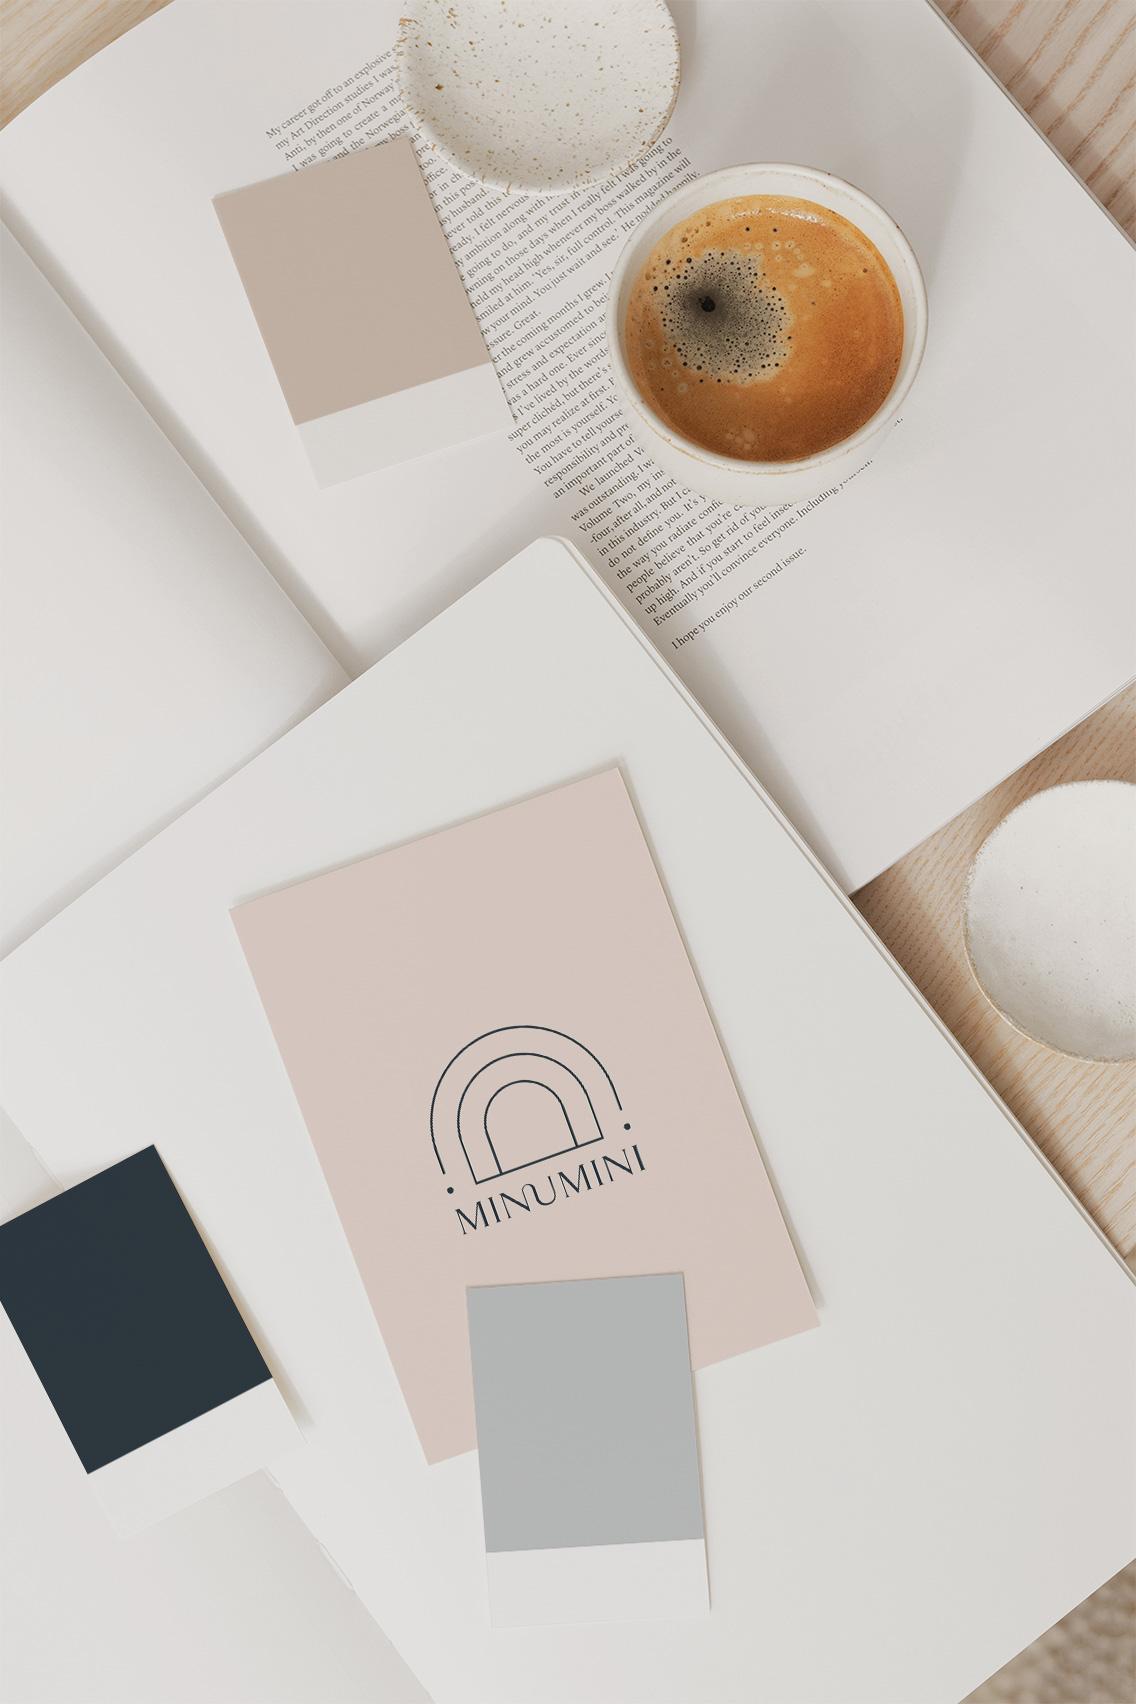 Portfolio Moyemu - logo identyfikacja wizualna Minumini